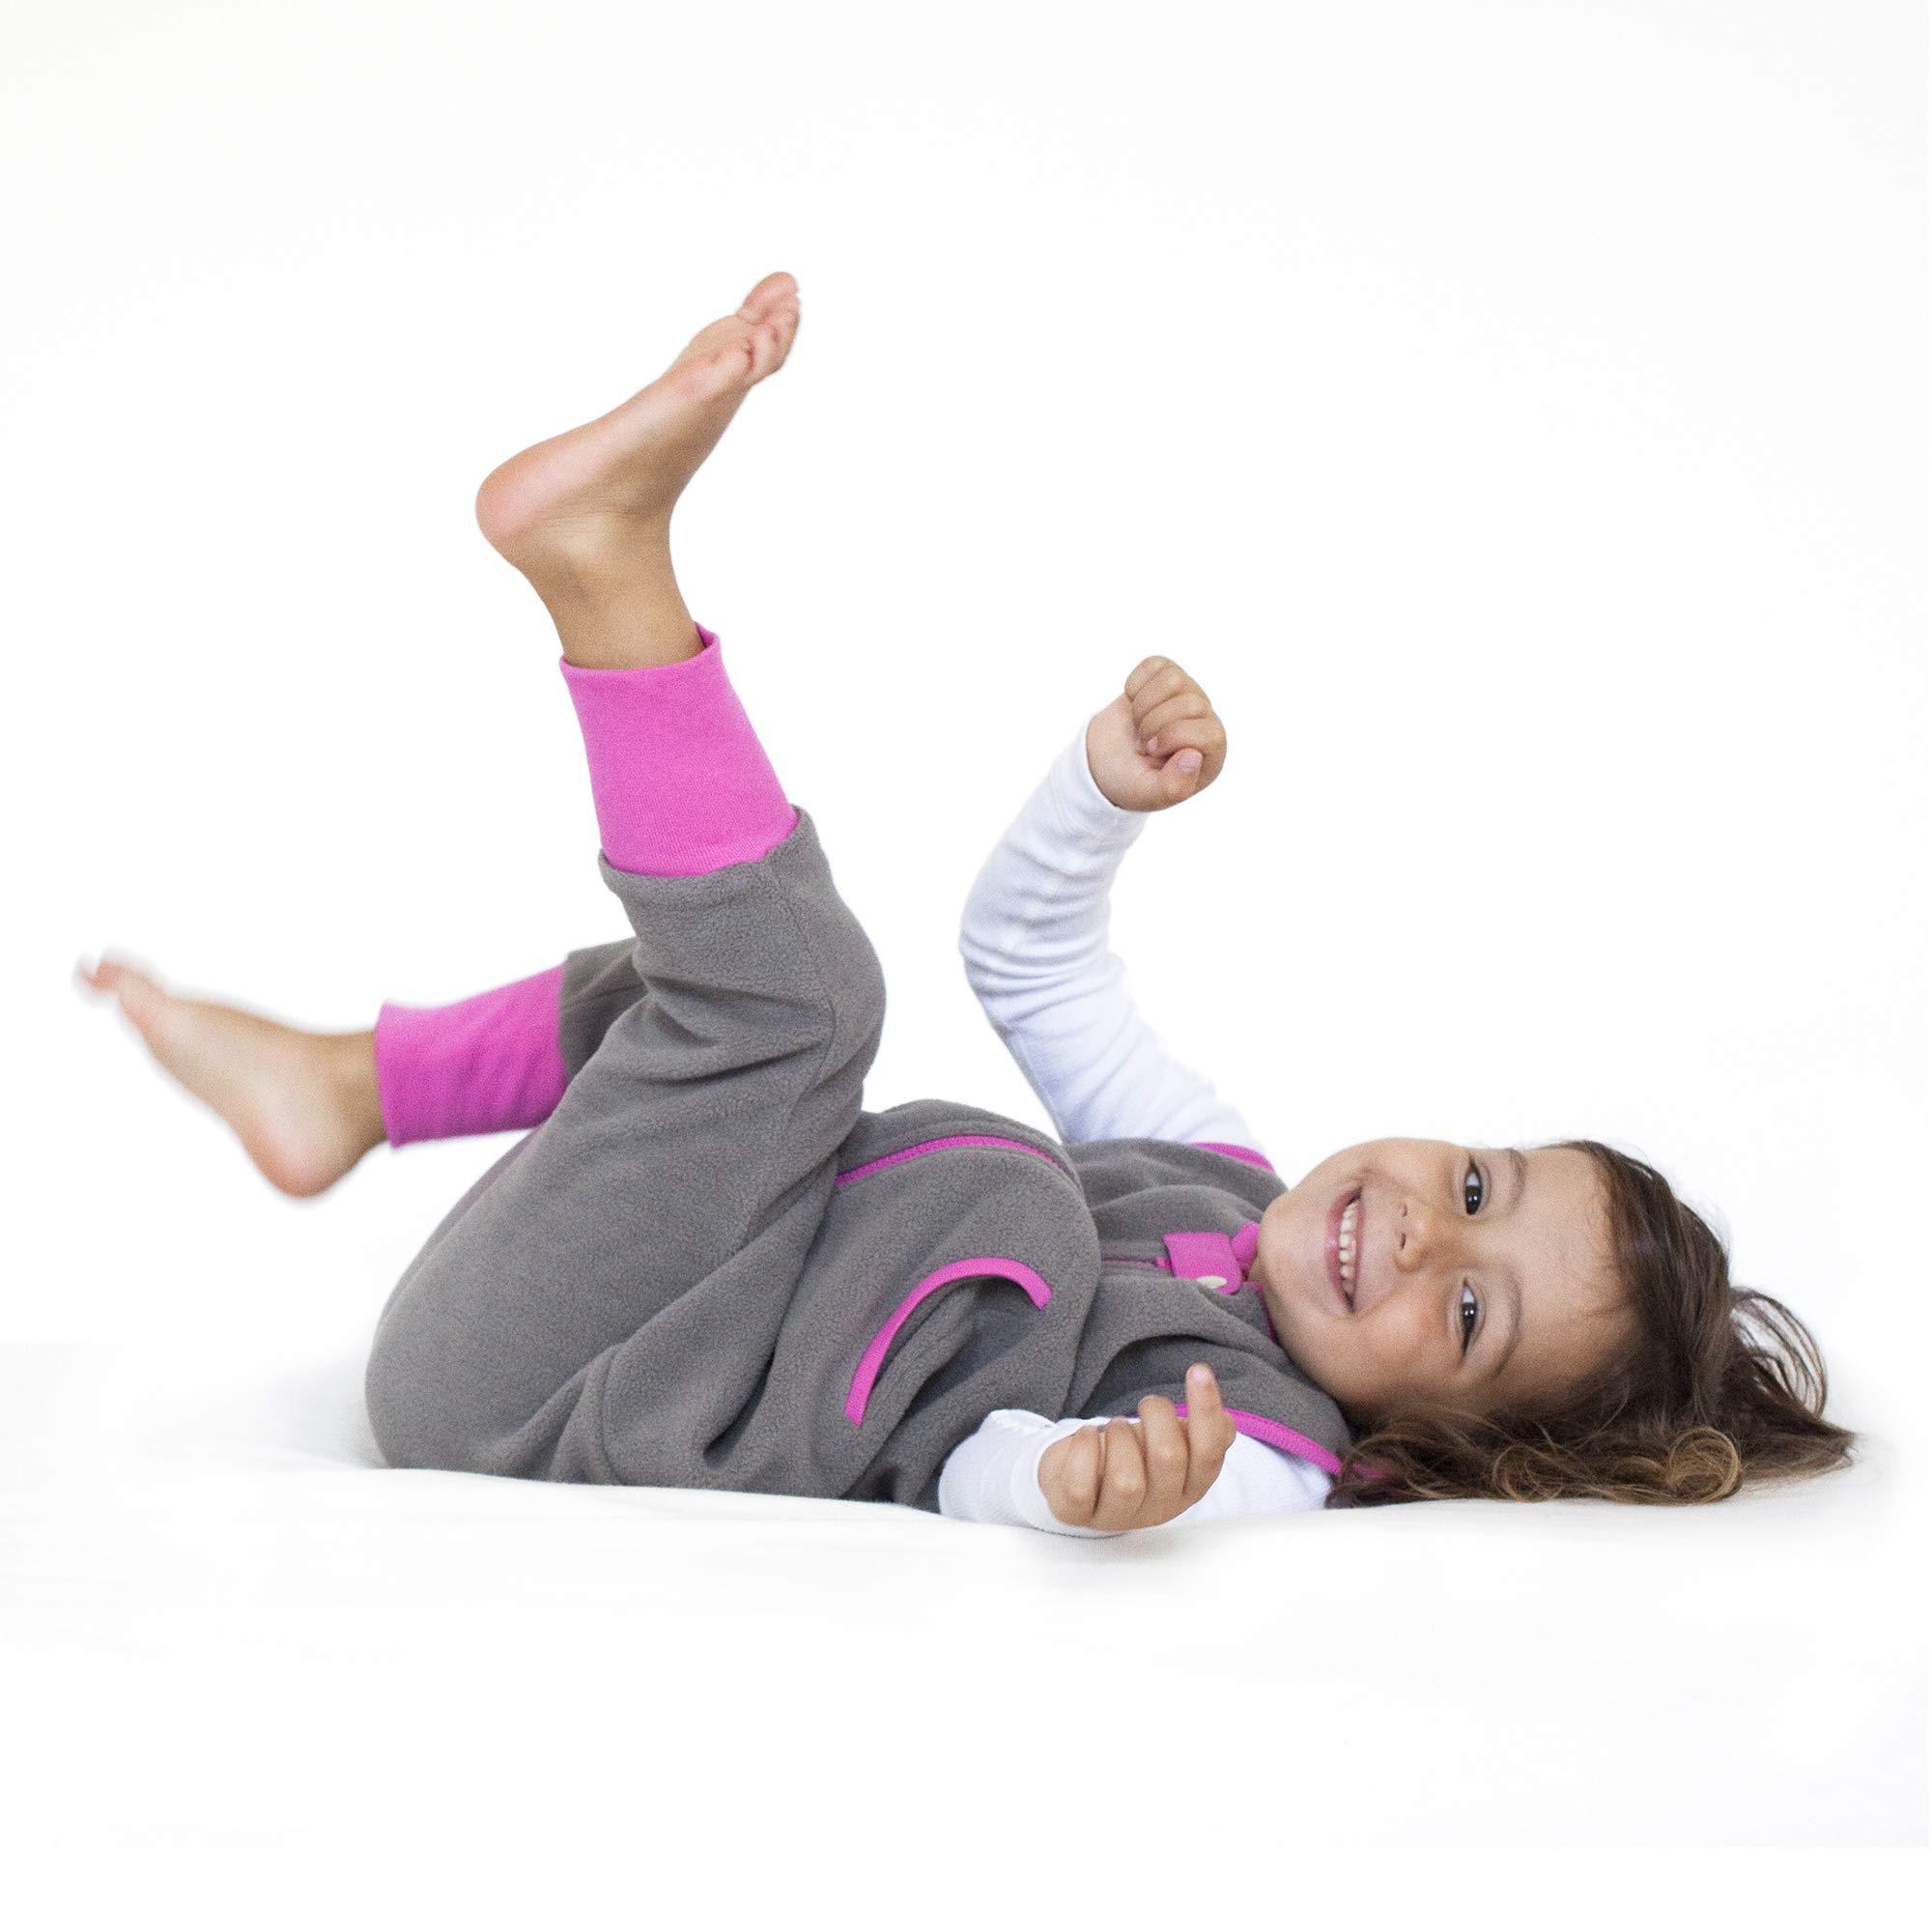 baby deedee Fleece Kicker Sack with Feet Sleep Bag, 2-4T, Slate, Girl by baby deedee